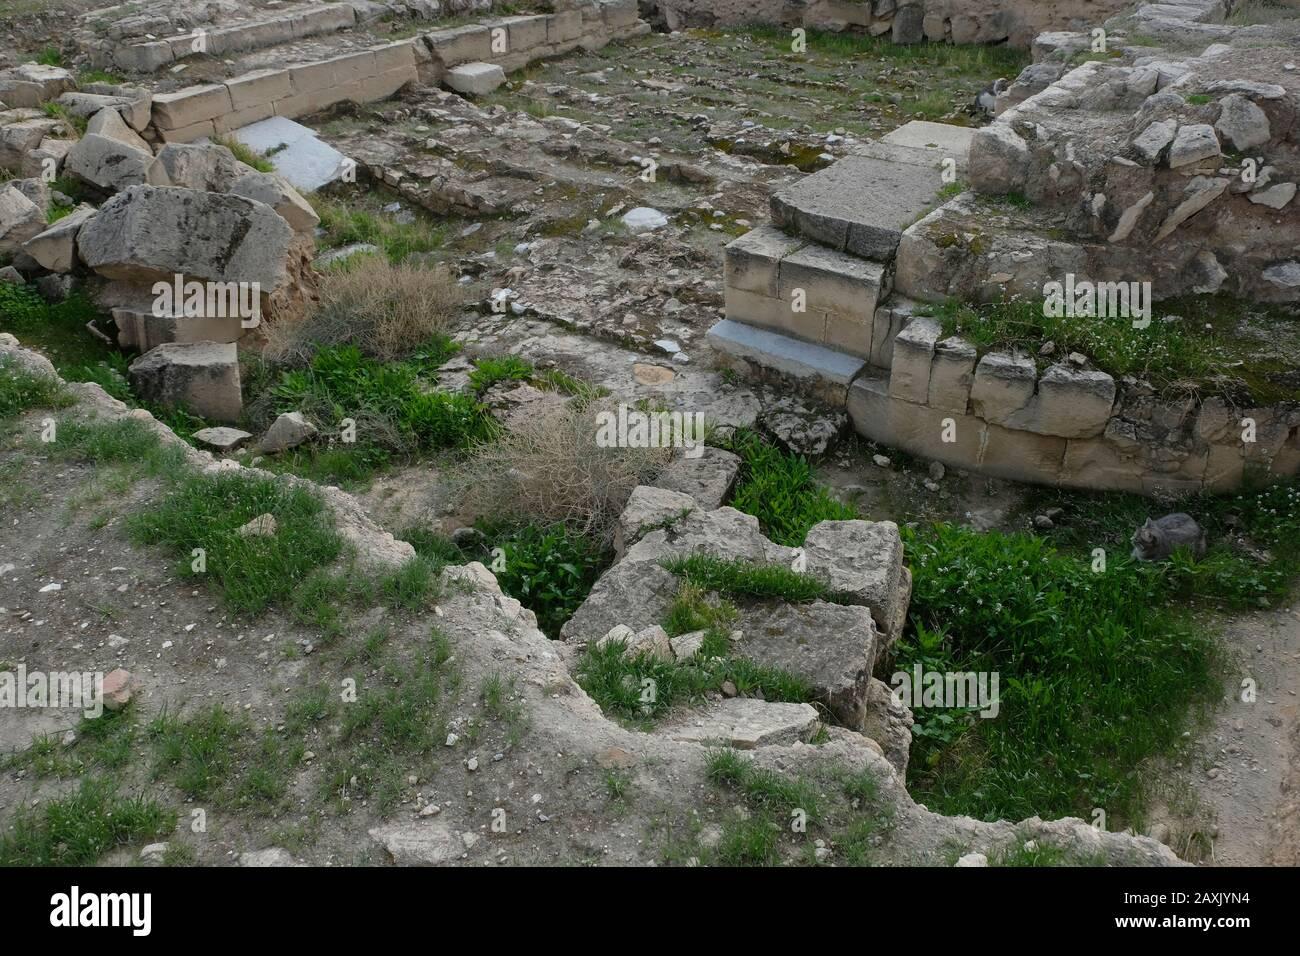 Rovine della porta Nord dal periodo Umayyad intorno al 730-749 DC al complesso delle rovine di Khirbet al-Mafjar (che significa rovine d'acqua fluenti), popolarmente noto come palazzo di Hisham un sito archeologico islamico presto appena fuori della città di Gerico nella Cisgiordania Israele Foto Stock